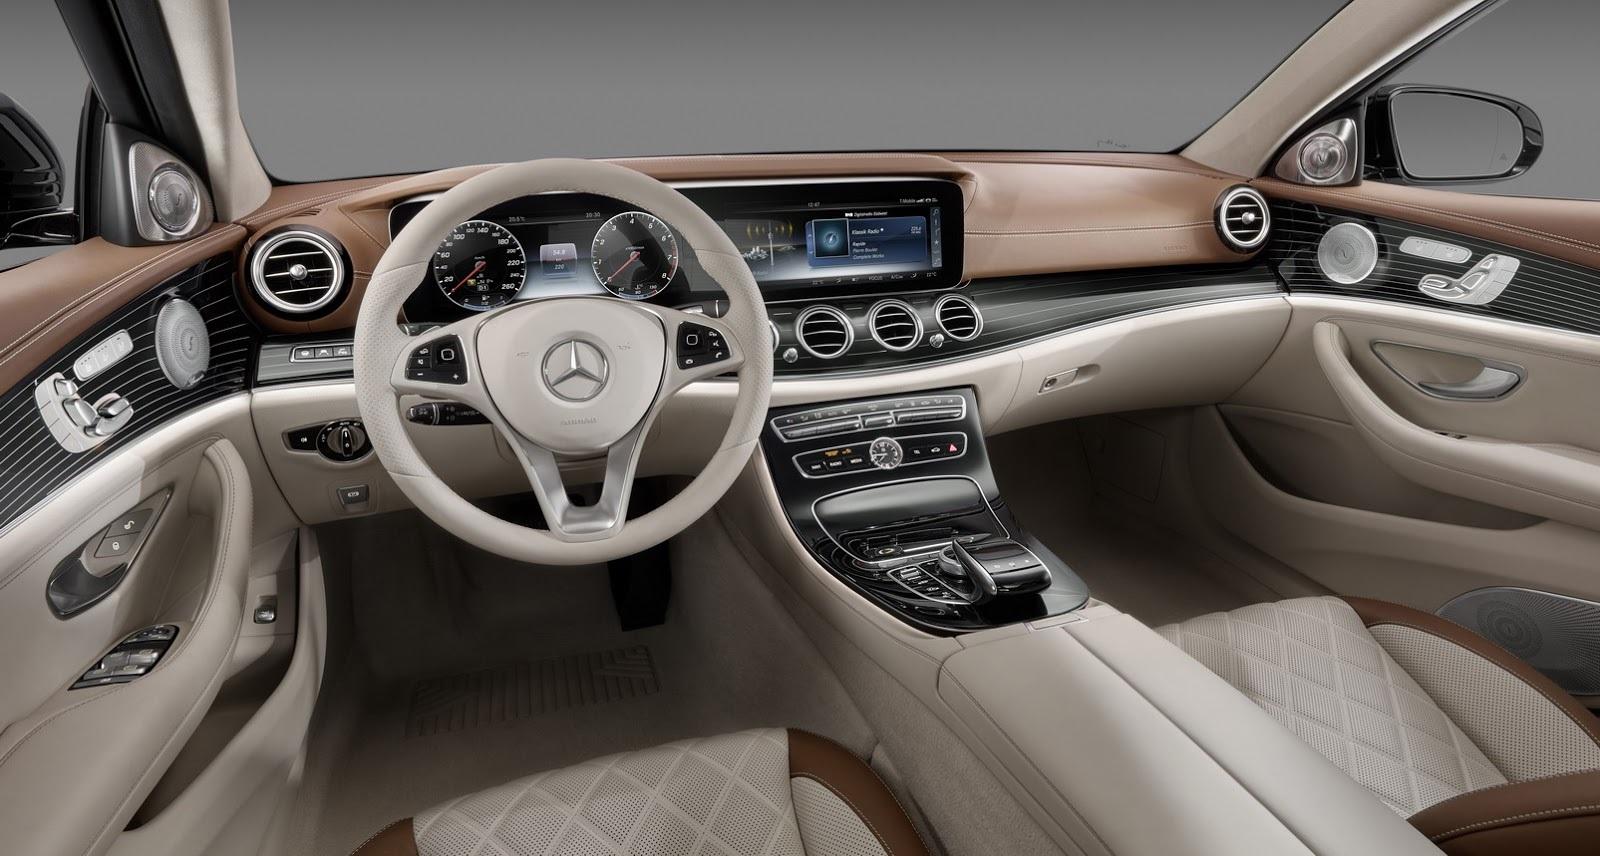 Mercedes benz clase e 2016 interior 1 14 for Interior mercedes clase a